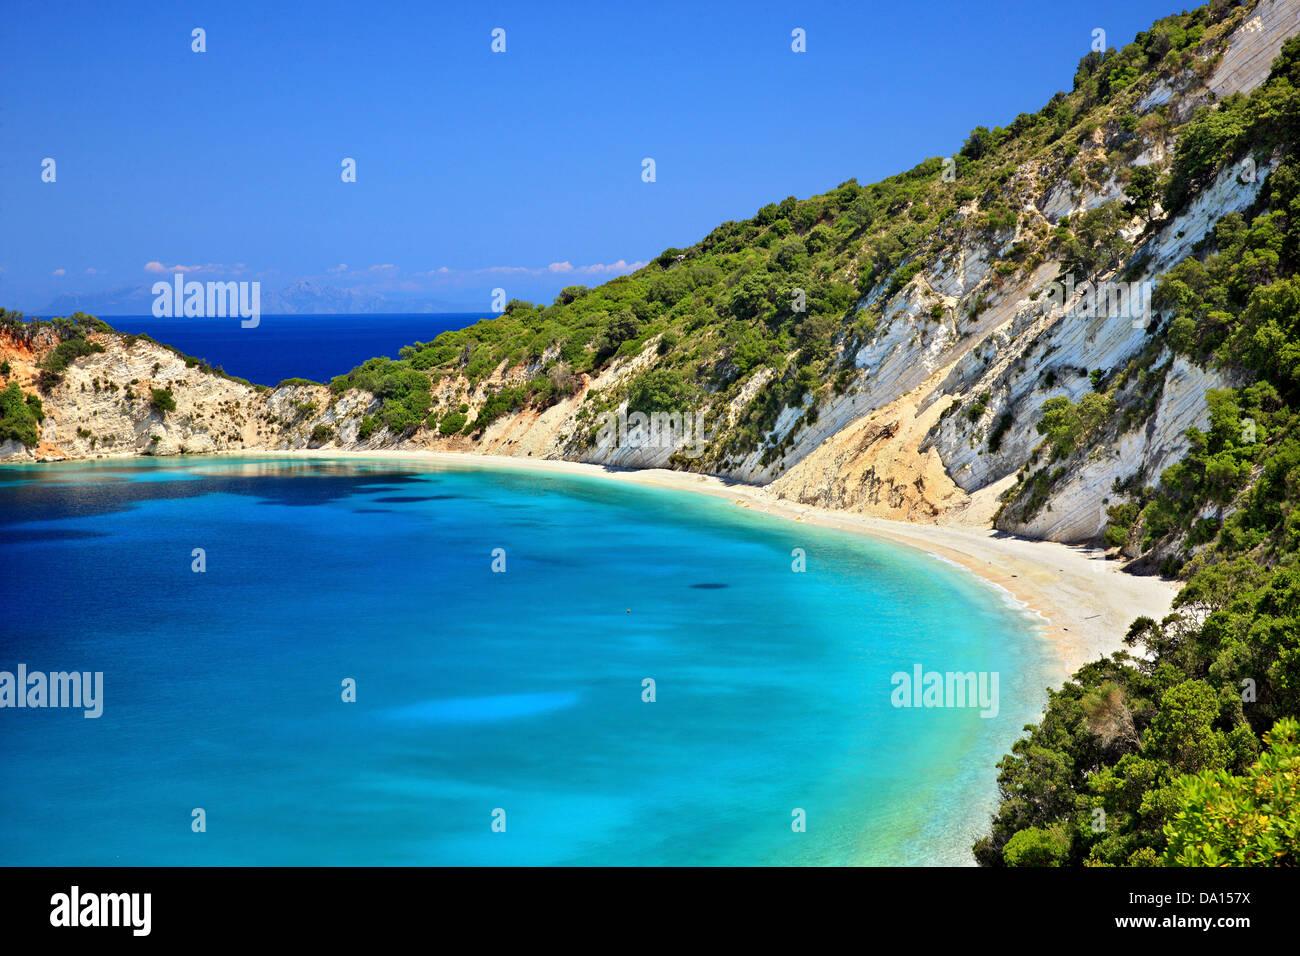 Gidaki Strand Der Schönste Strand Von Ithaka Ithaki Insel